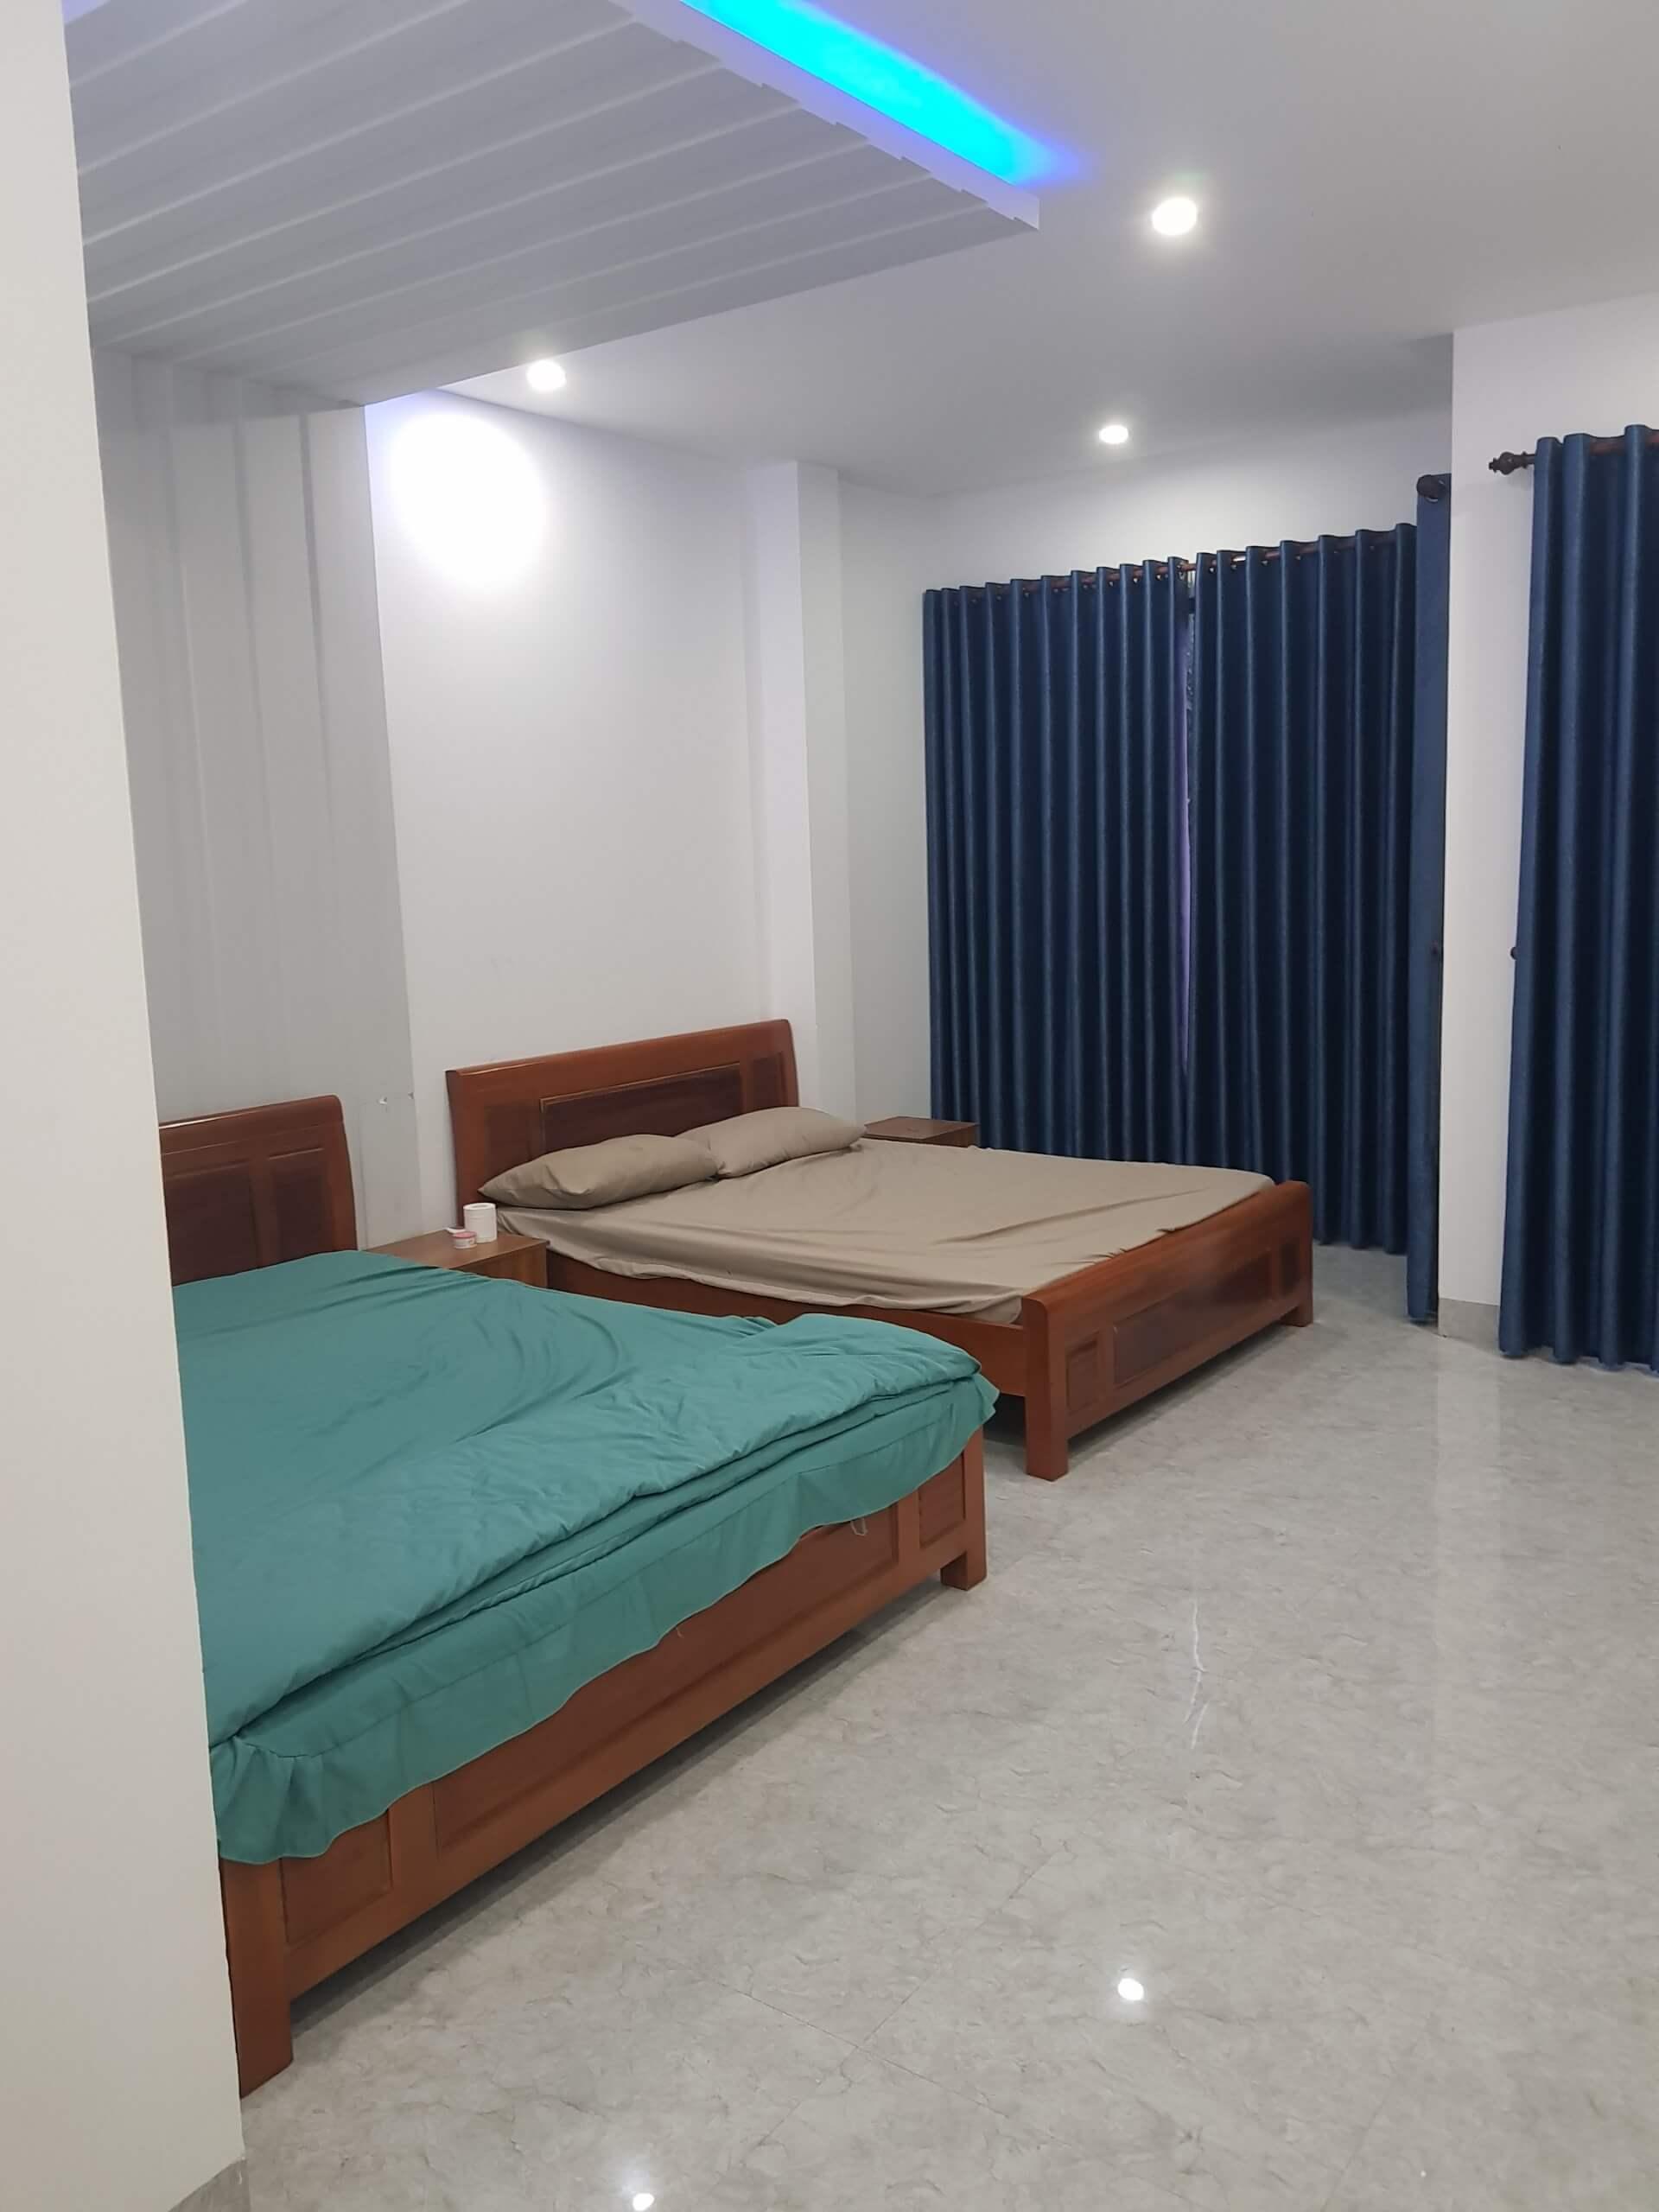 view phòng ngủ nhà đường Đoàn Khuê - Ngũ Hành Sơn - Đà Nẵng